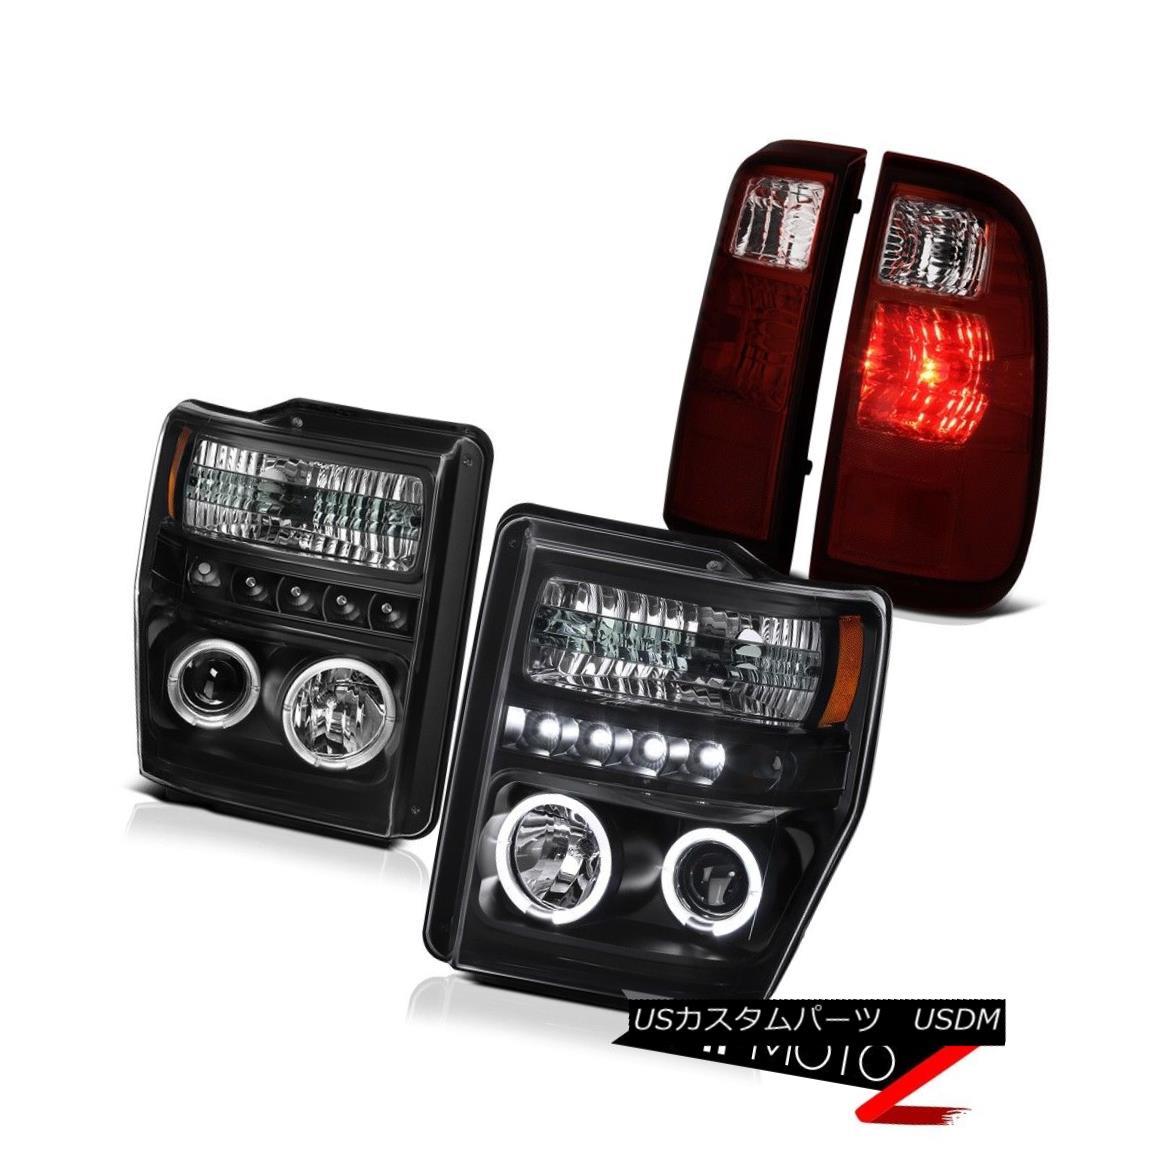 テールライト 2008-2010 F250 F350 King Ranch LED Halo Projector Headlights LED Tail Light Lamp 2008-2010 F250 F350キングランチLEDハロープロジェクターヘッドライトLEDテールライトランプ